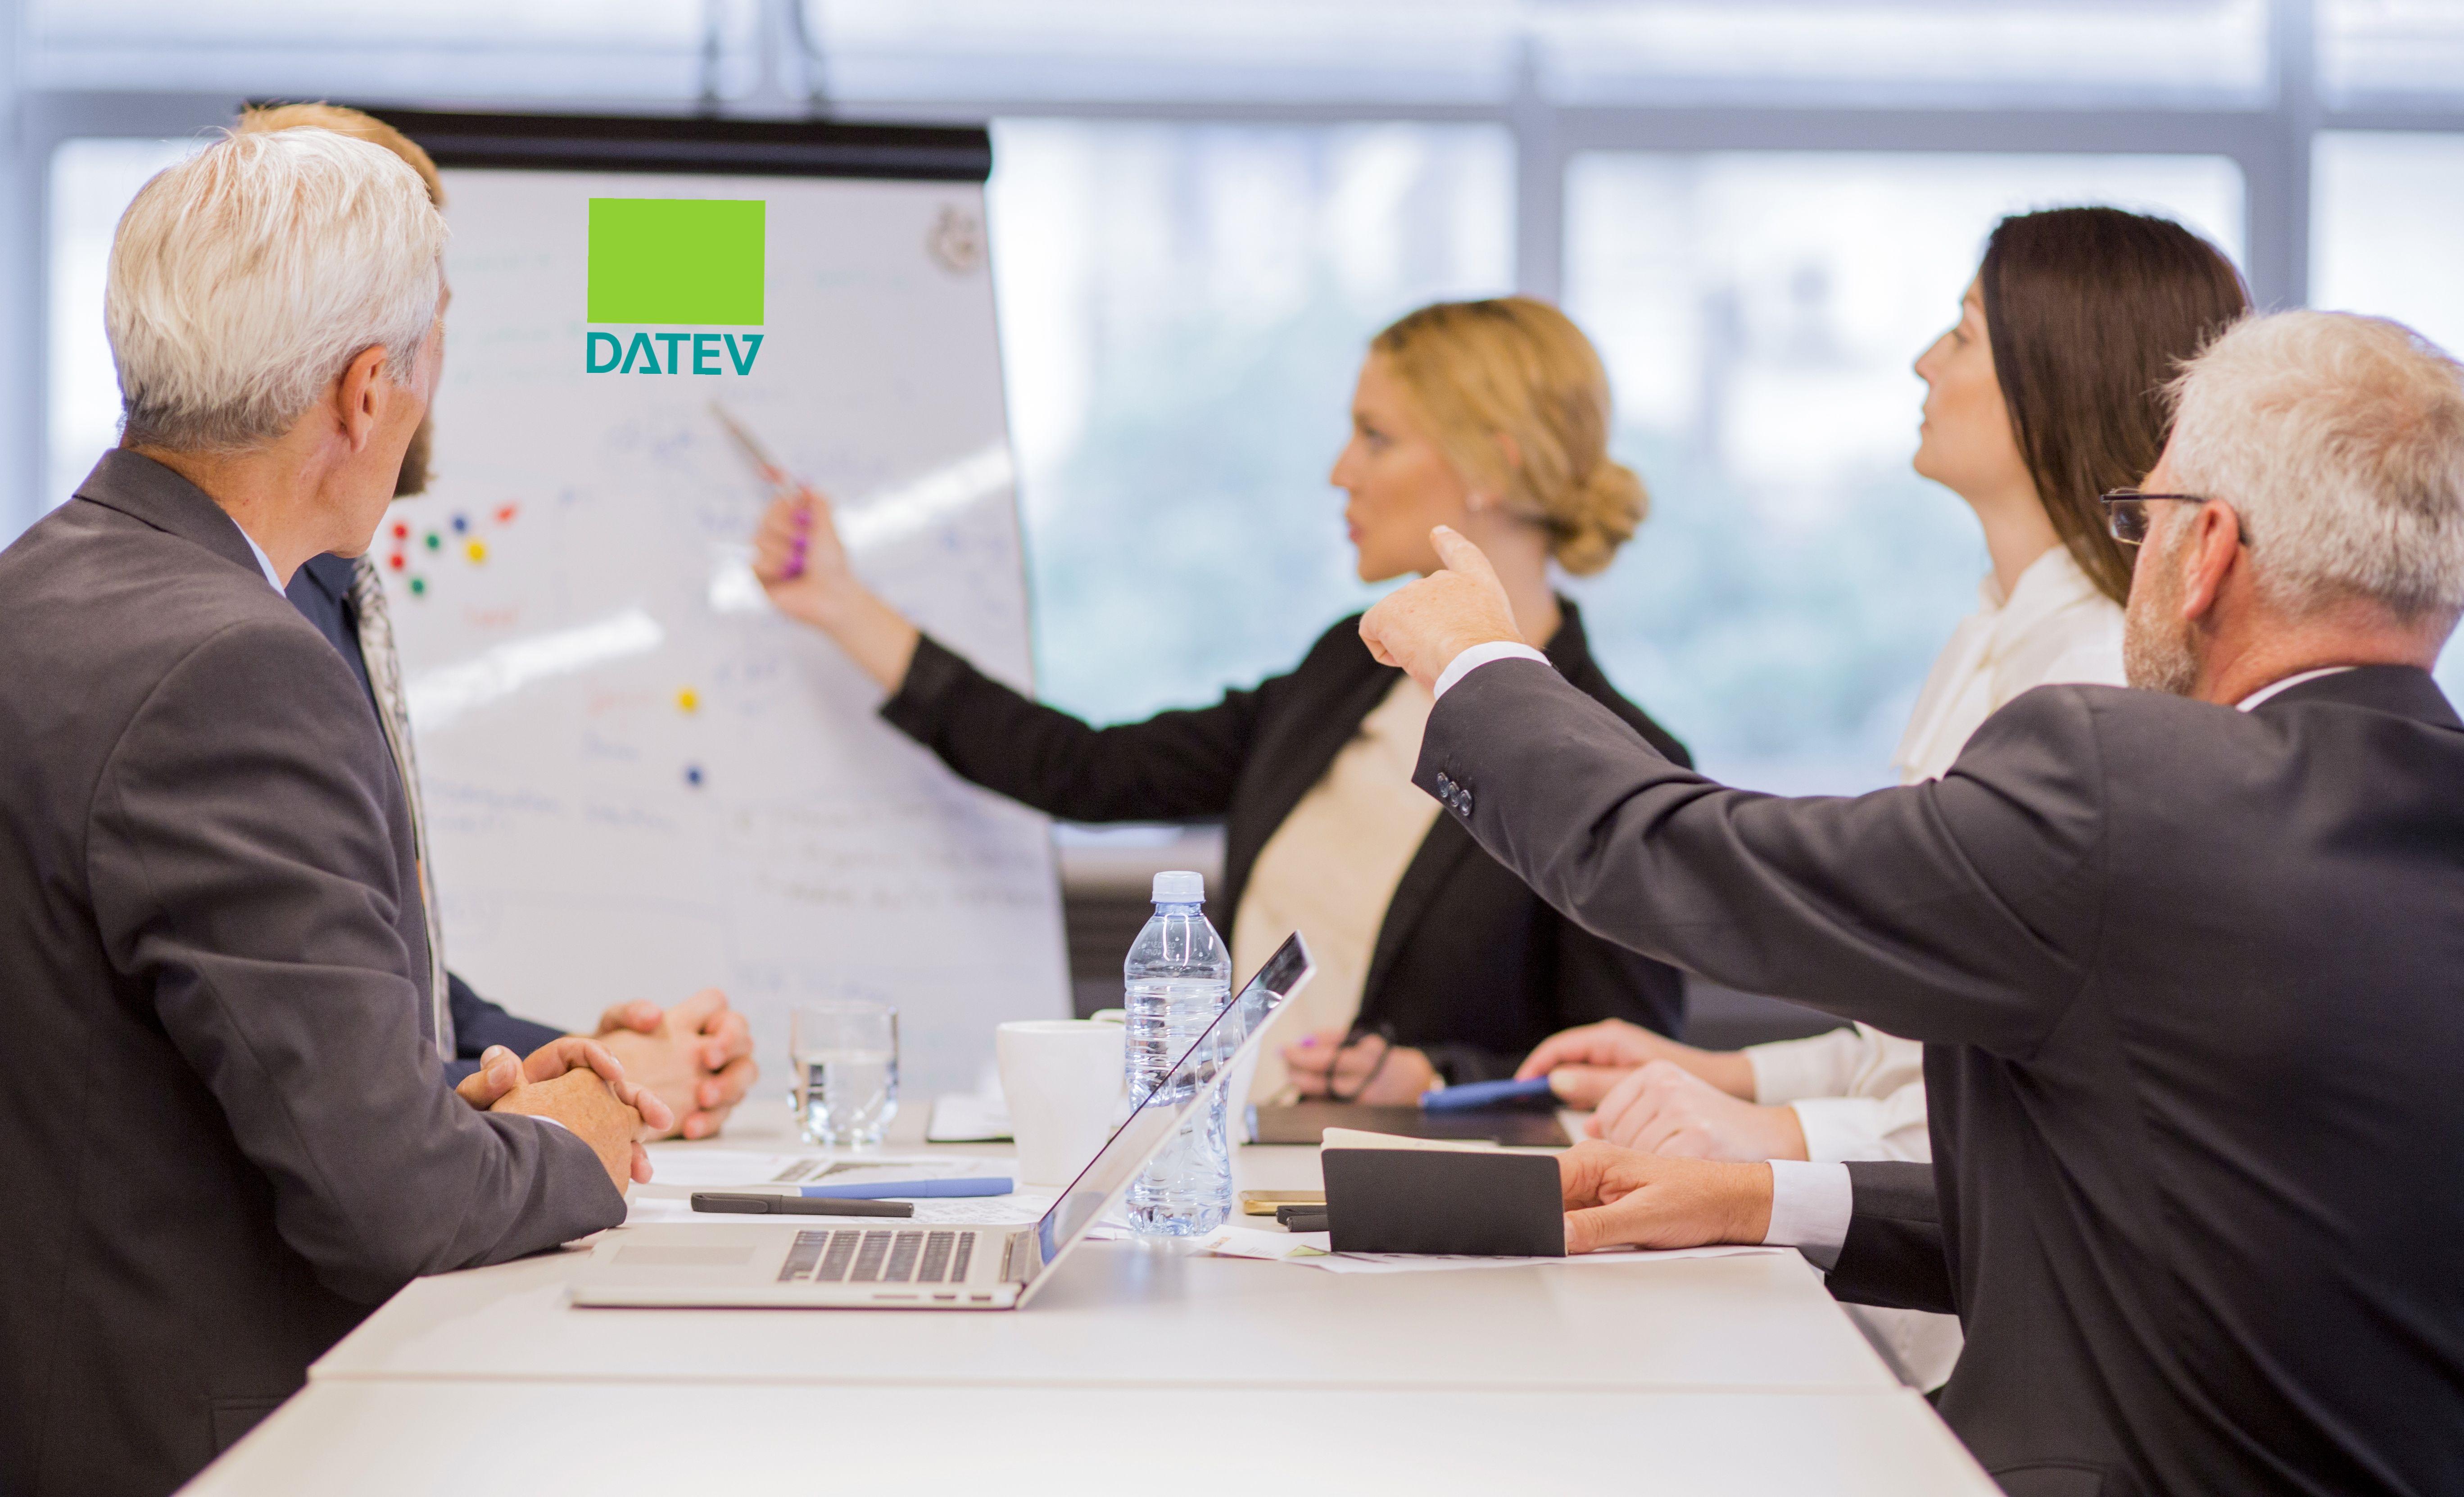 szkolenie z DATEV Audit